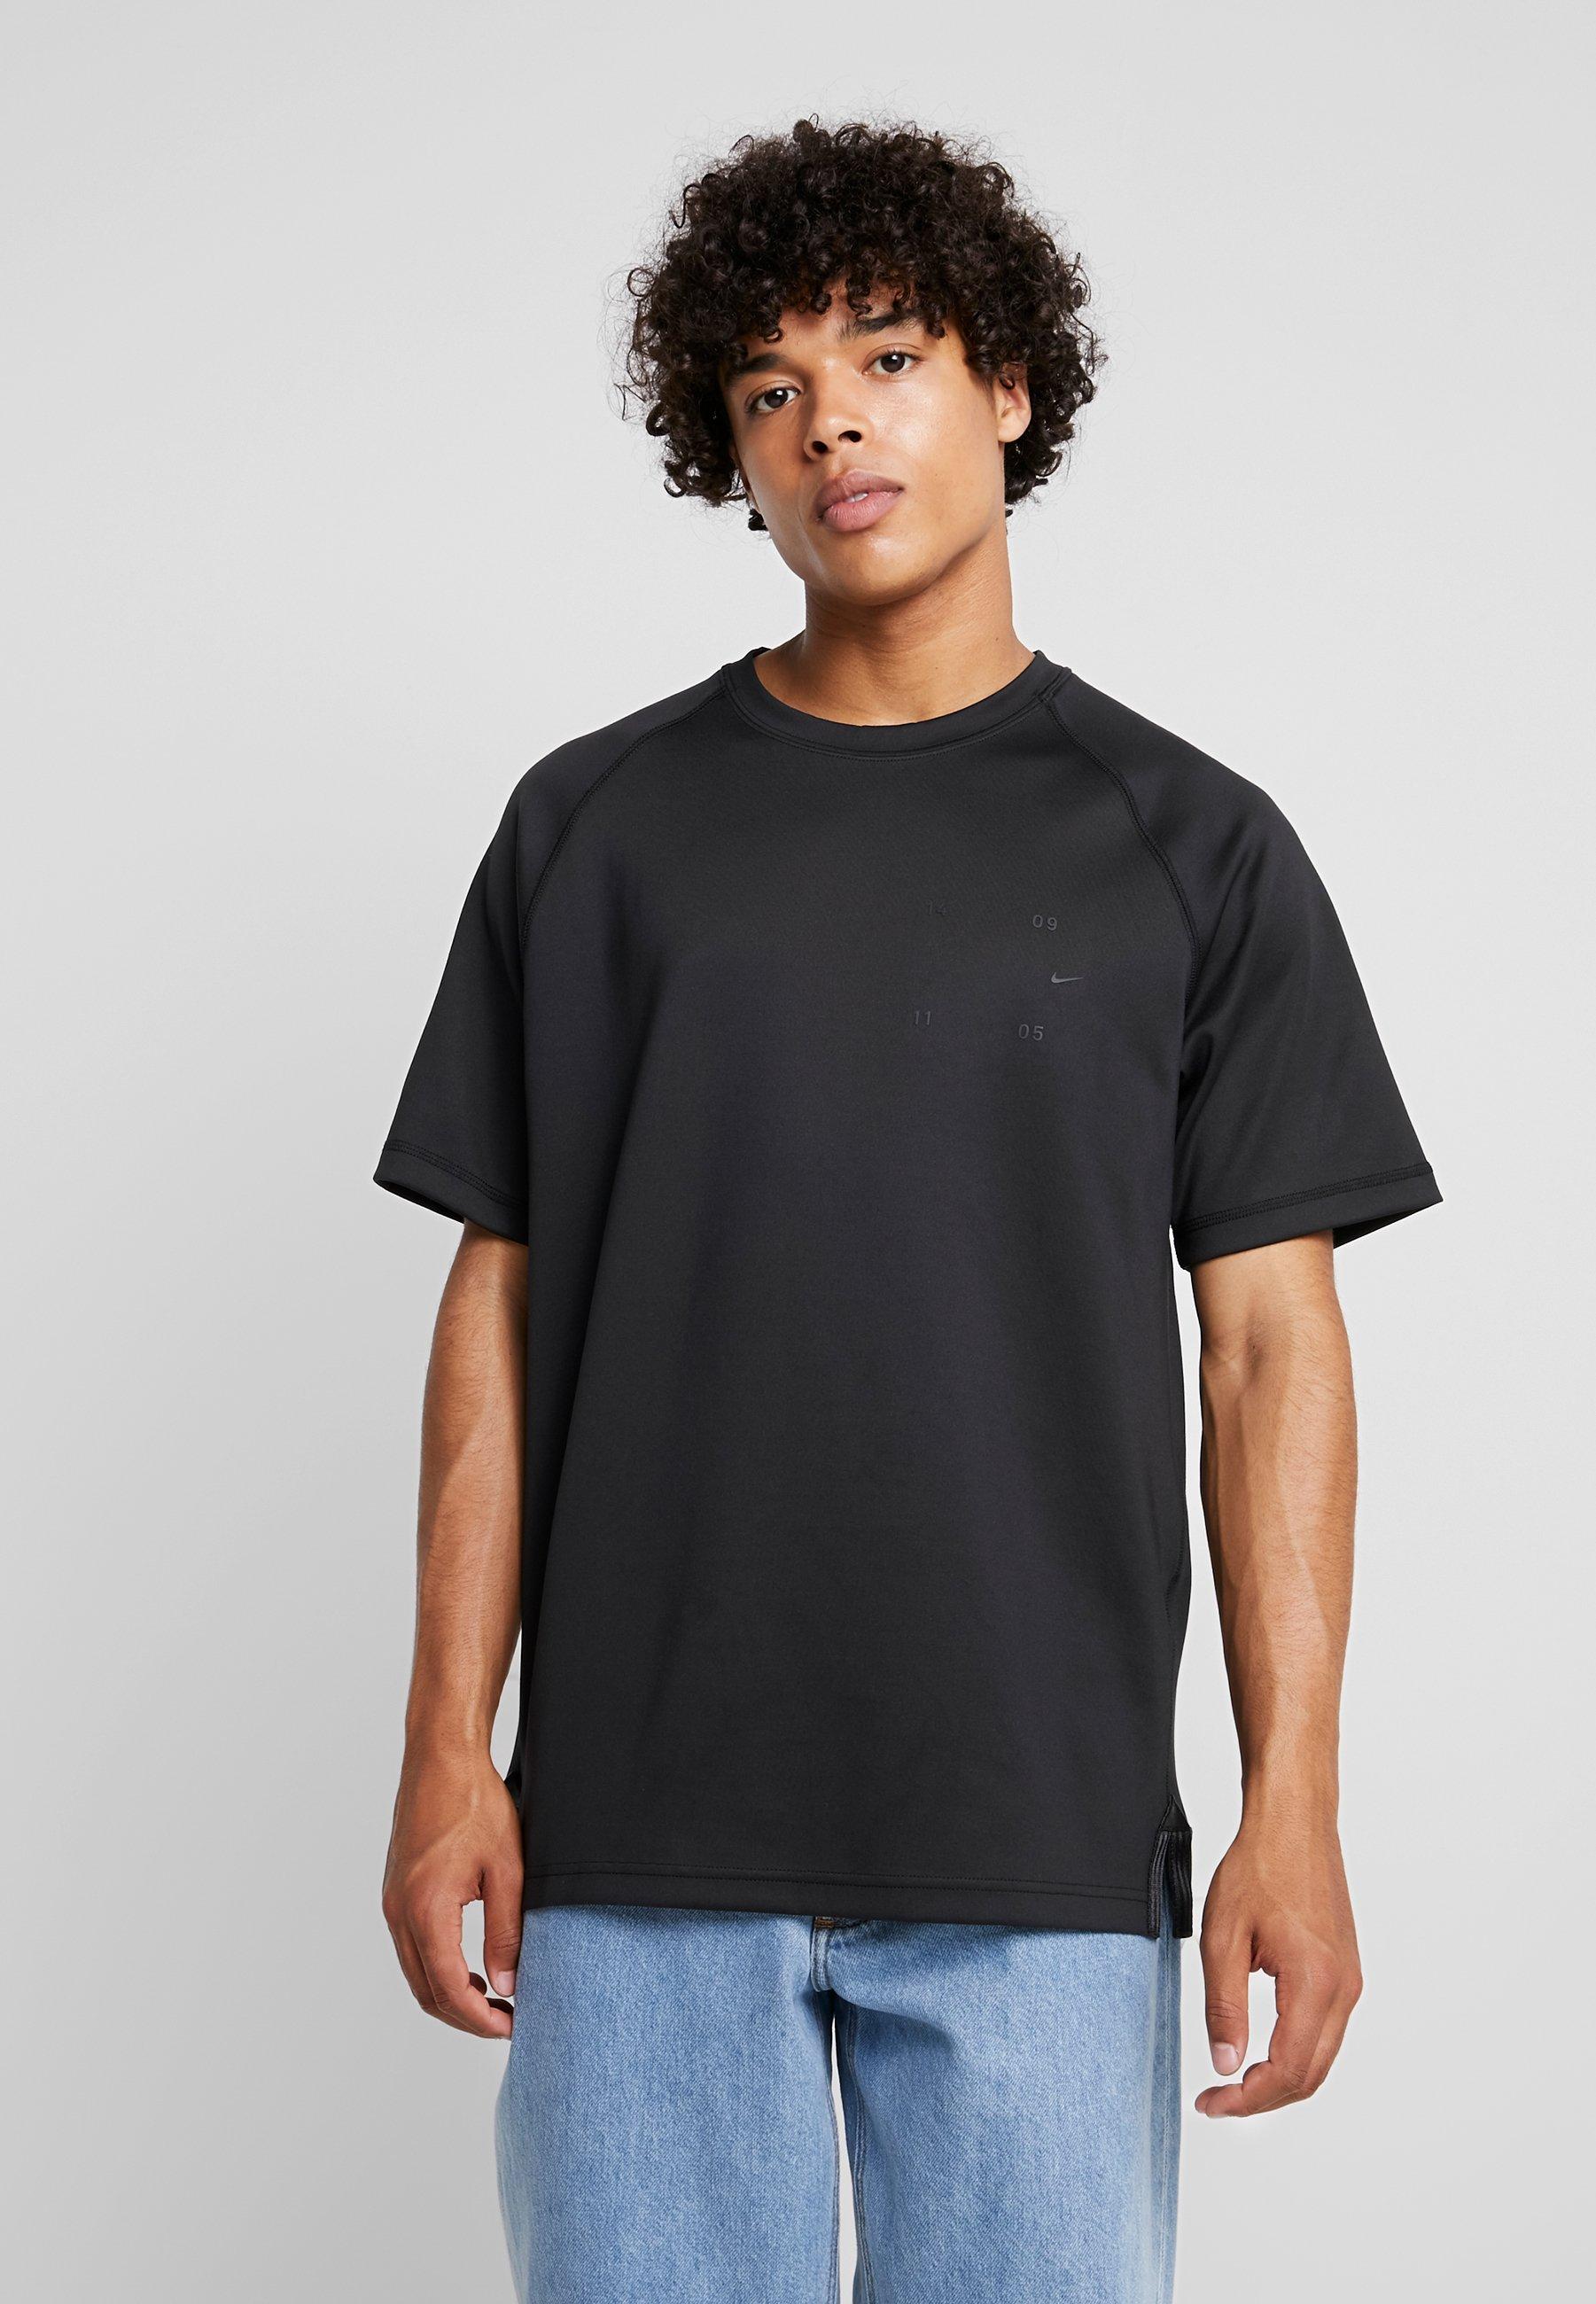 T Sportswear Nike shirt ImpriméBlack jL4RAqc35